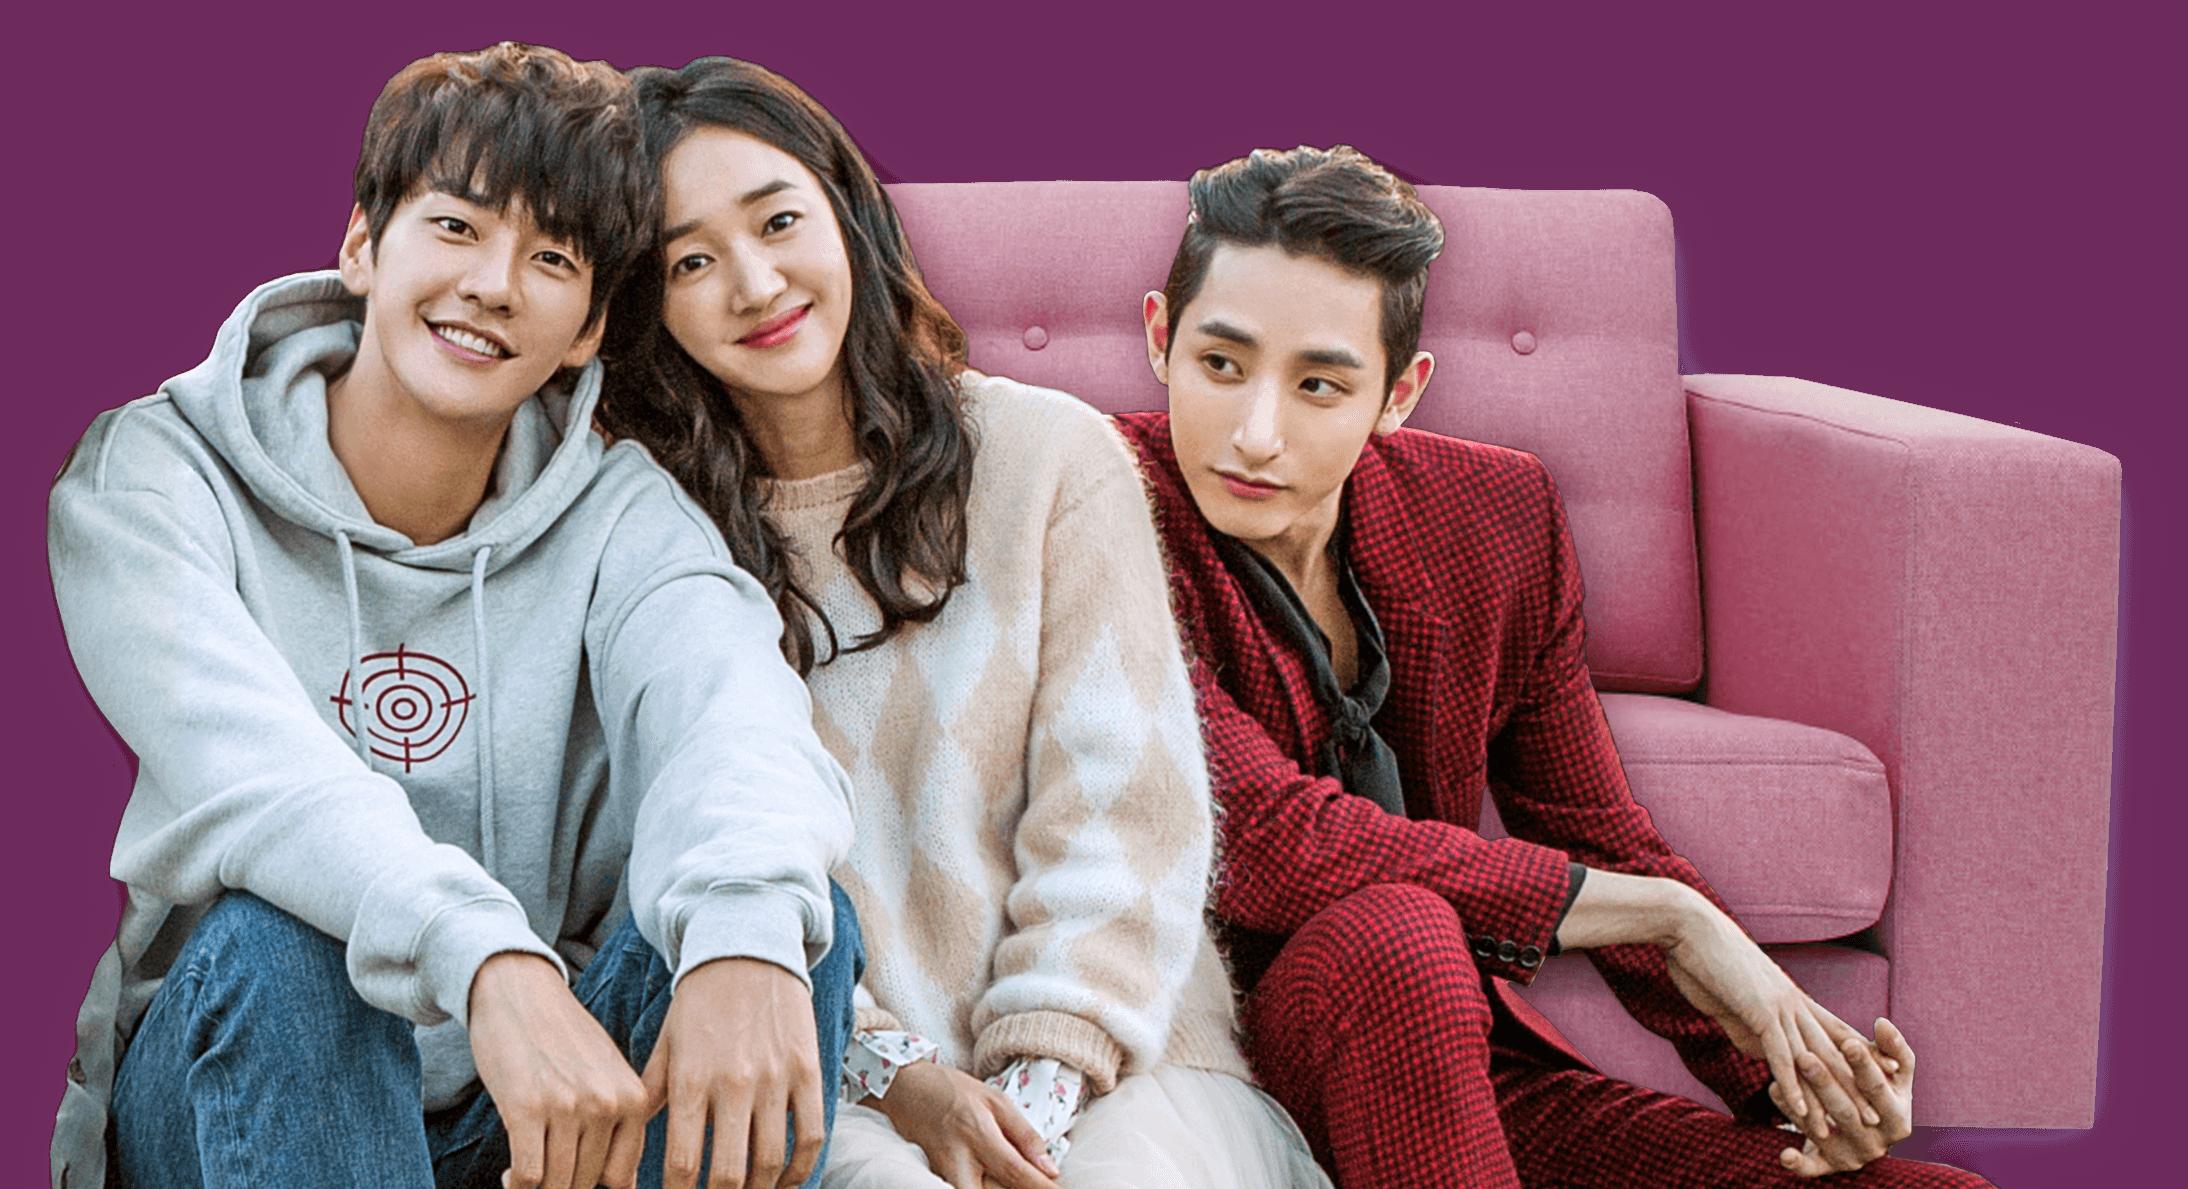 【つい見たくなる】Amazonプライムビデオ人気おすすめ韓国ドラマ15選